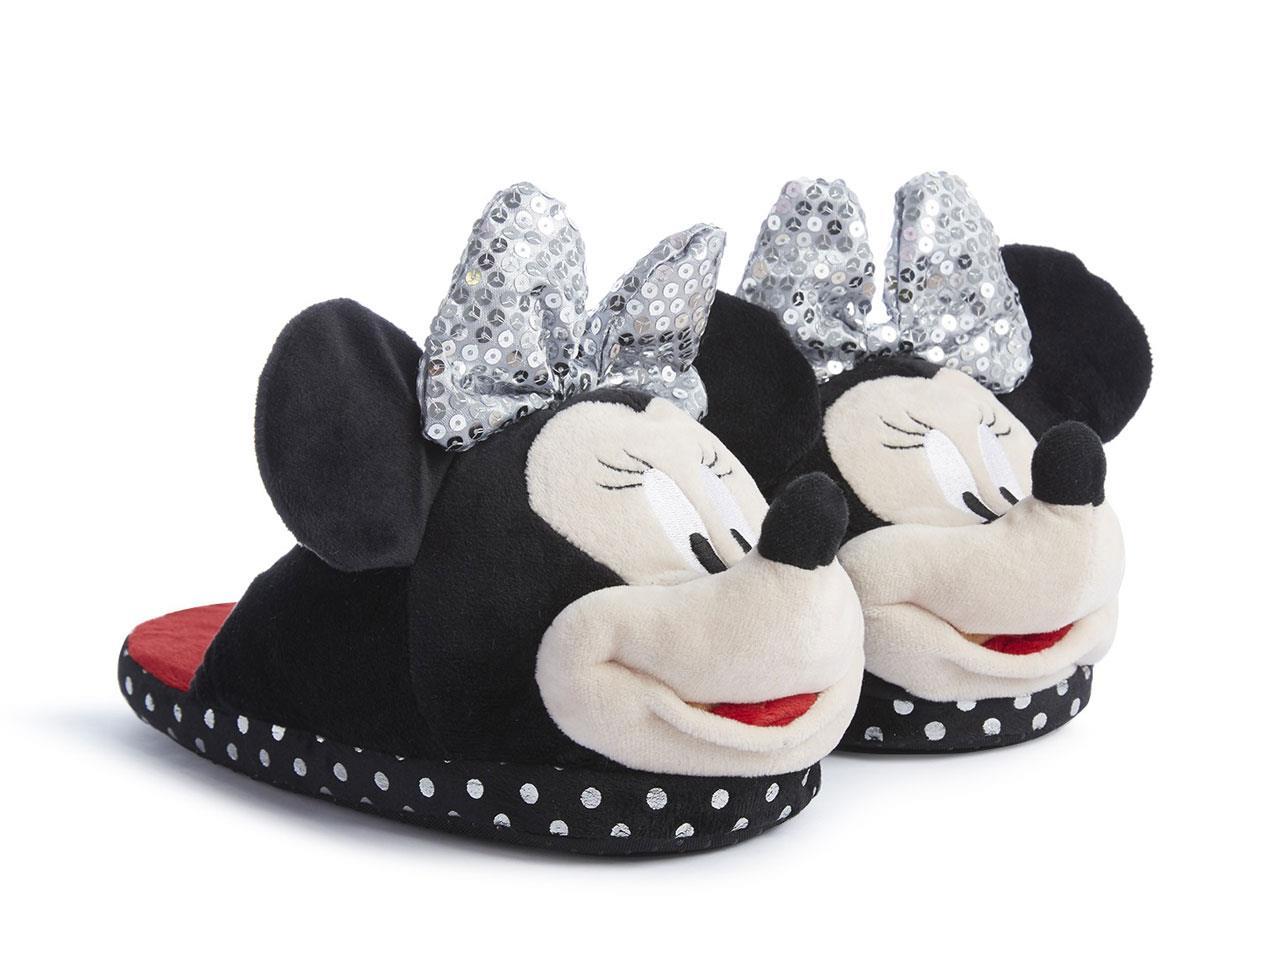 Los Taconazos De Minnie Mouse Han Vuelto A Primark Por 18